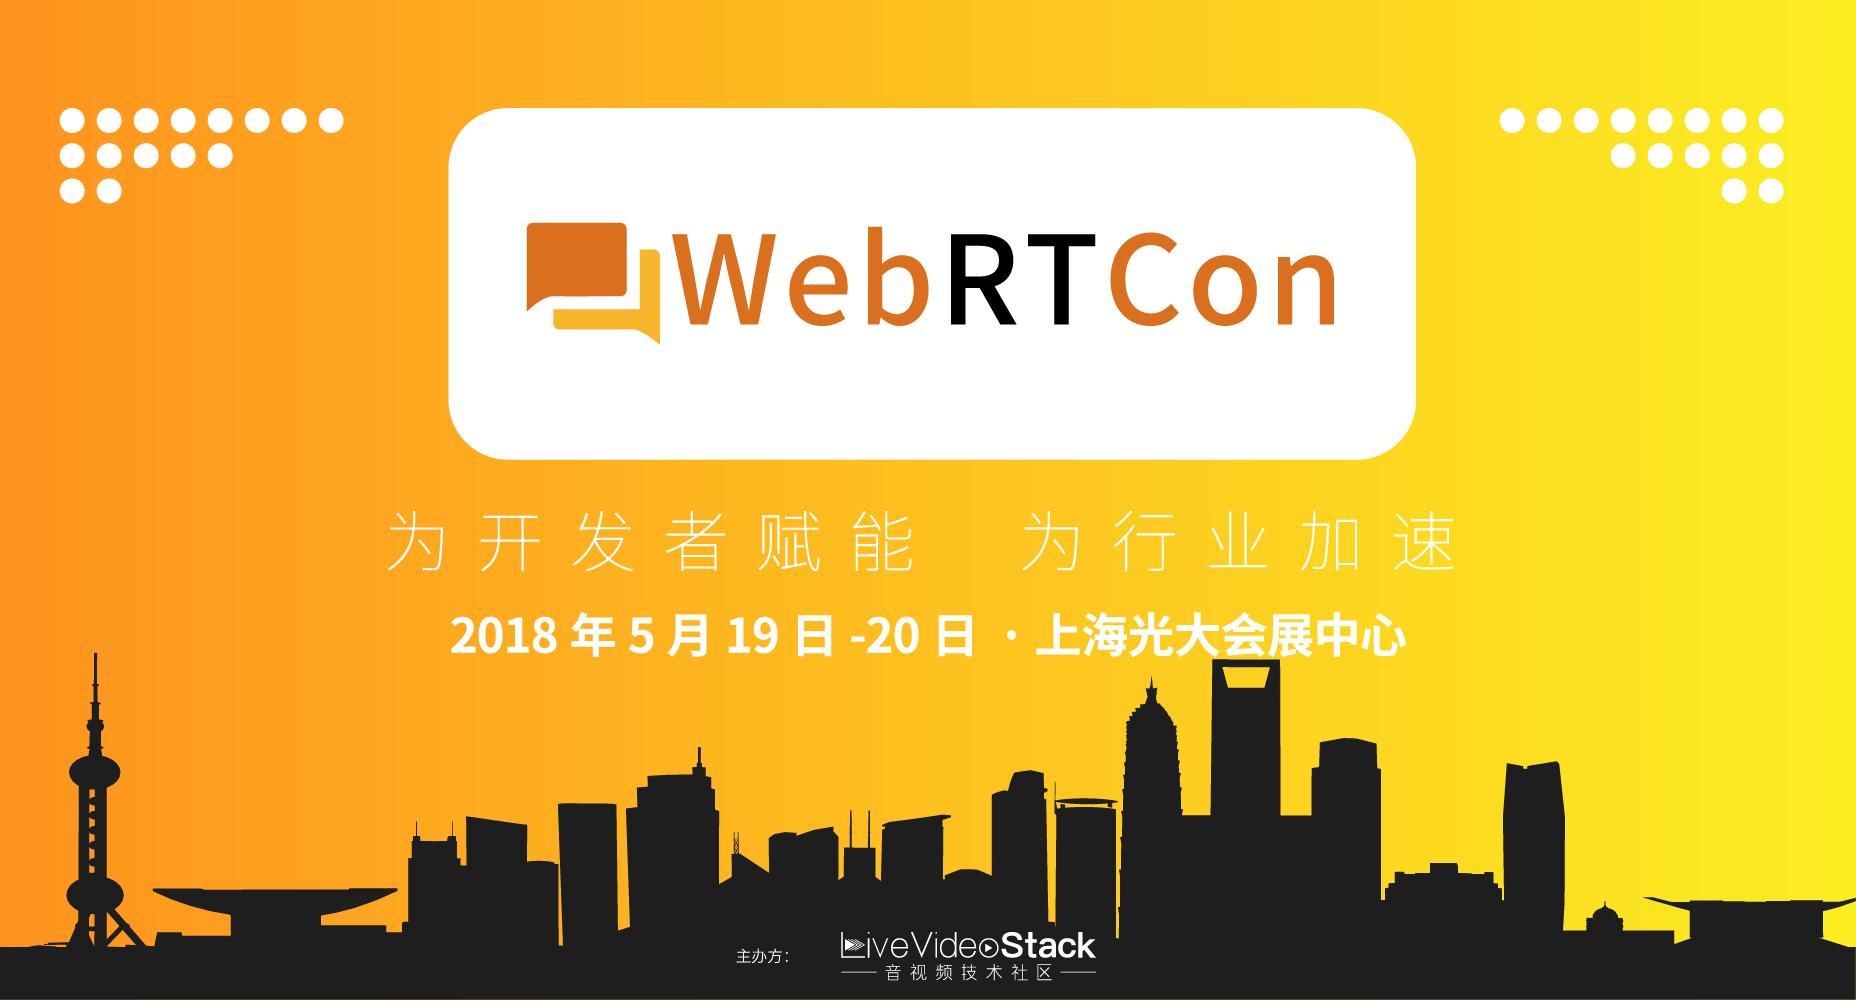 WebRTCon 2018